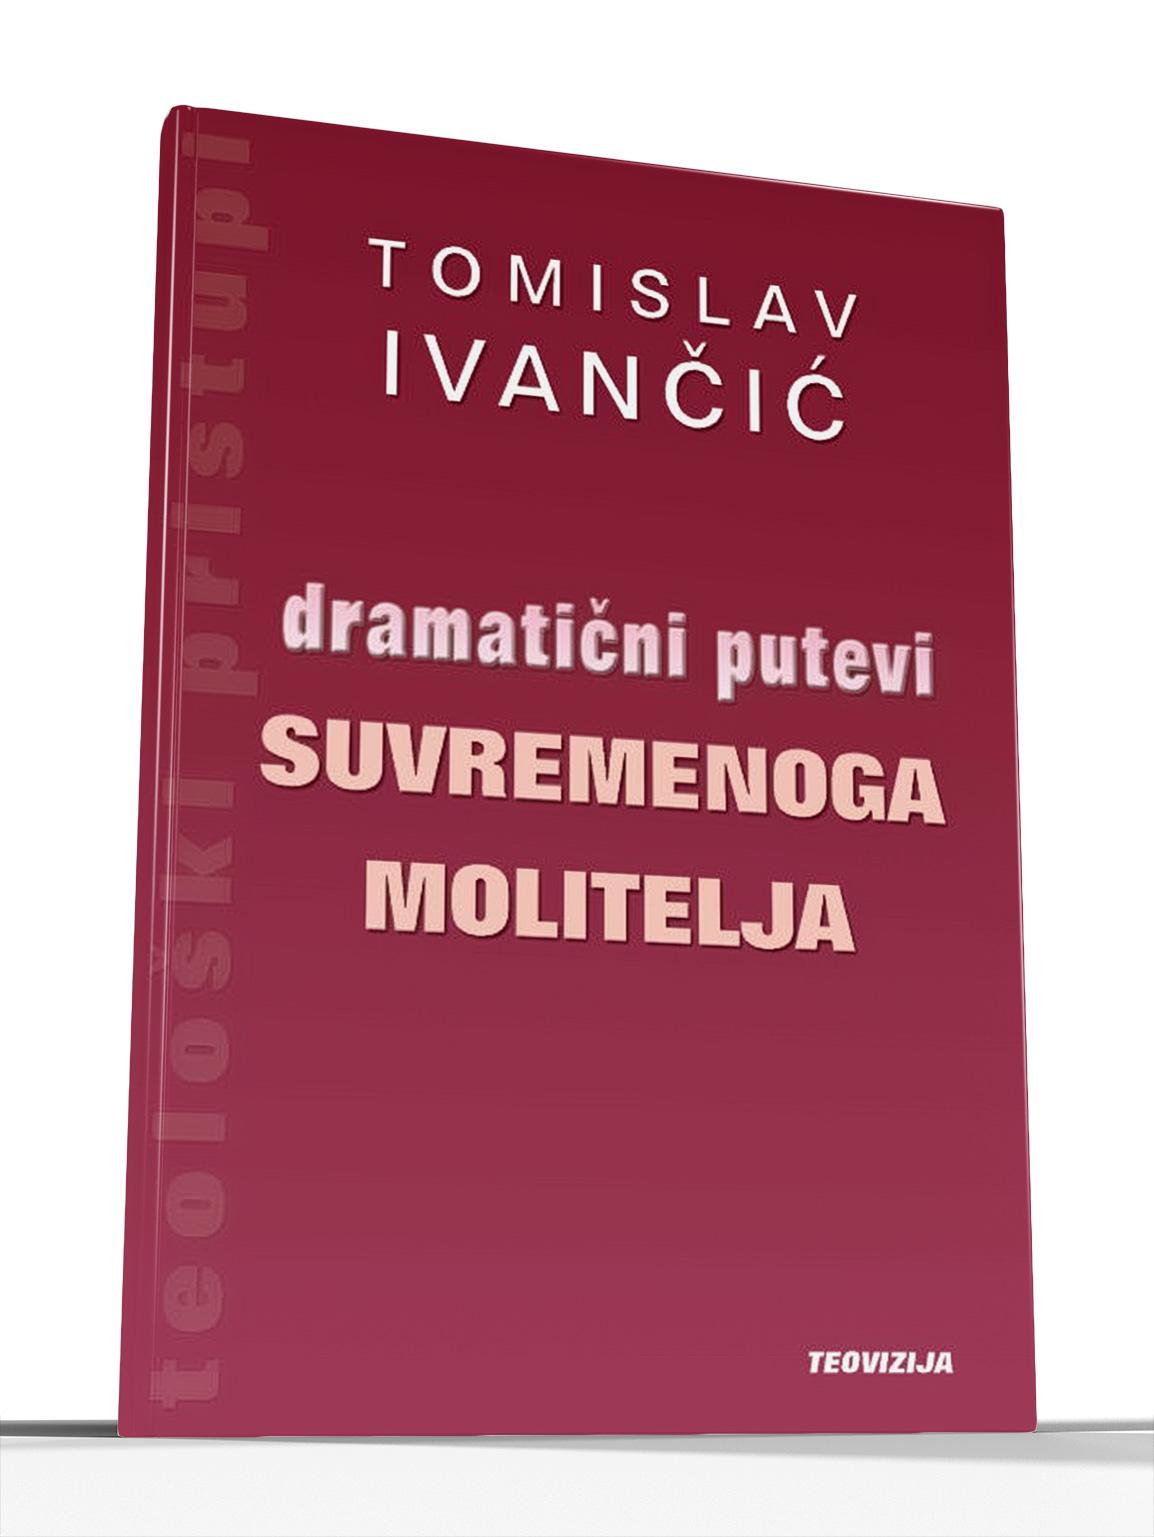 DRAMATIČNI PUTEVI SUVREMENOG MOLITELJA - Tomislav Ivančić